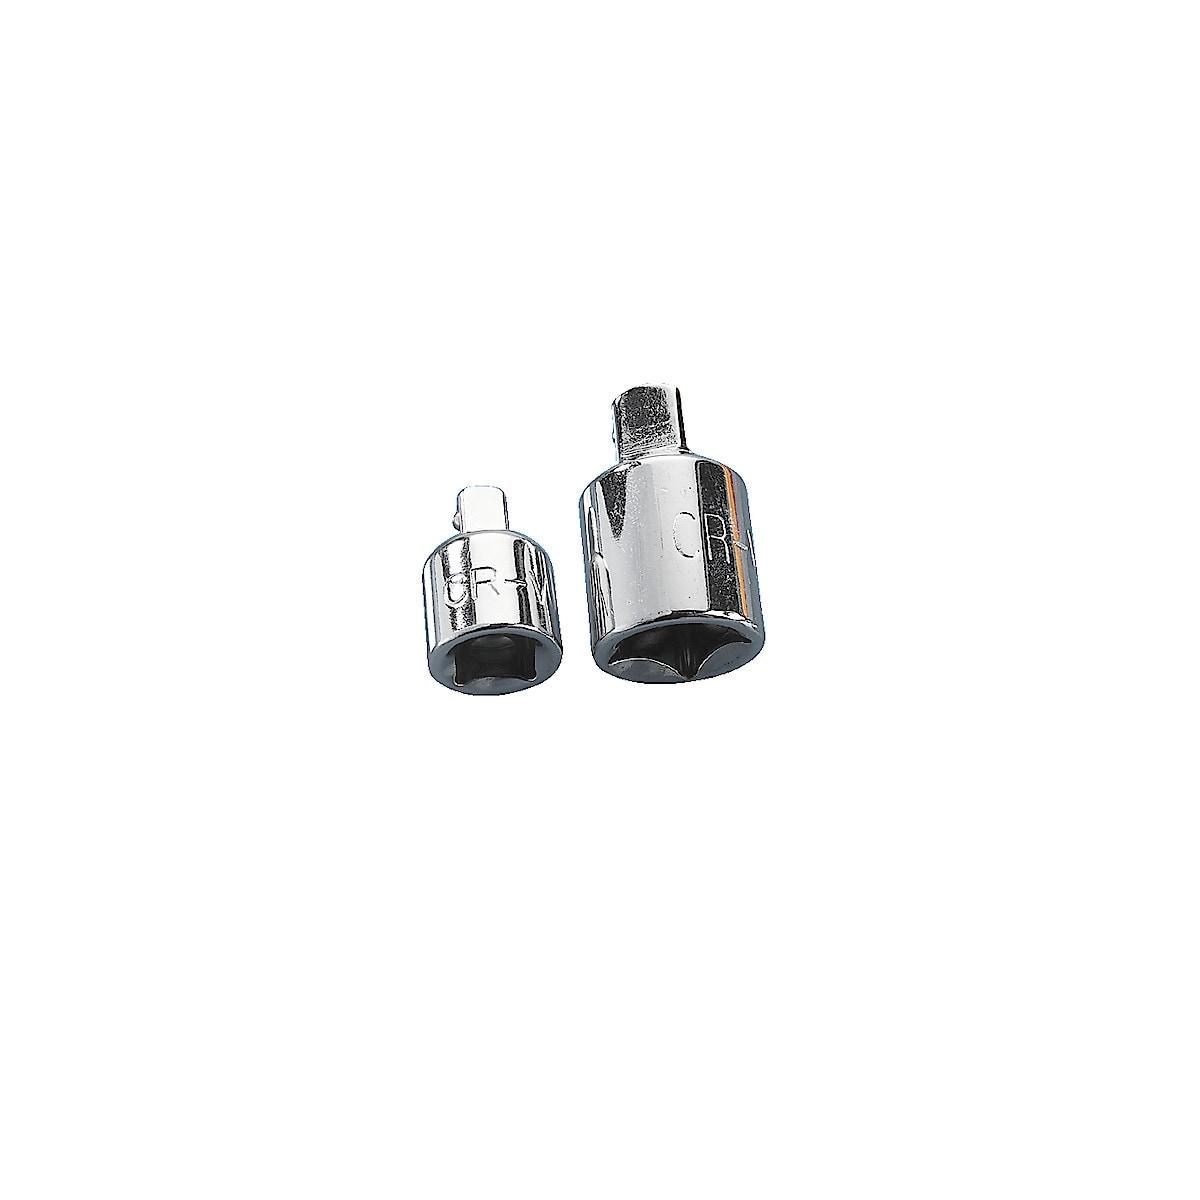 Socket Drive Adaptors